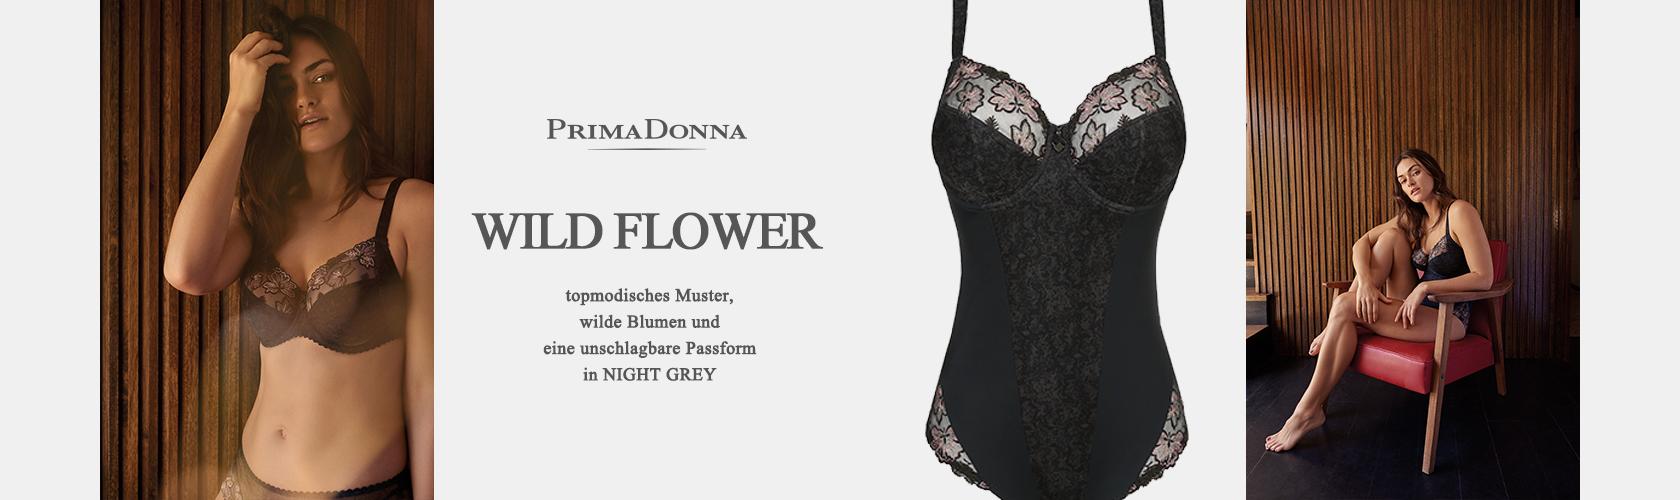 Slideshow WILD FLOWER NGR 01.11.